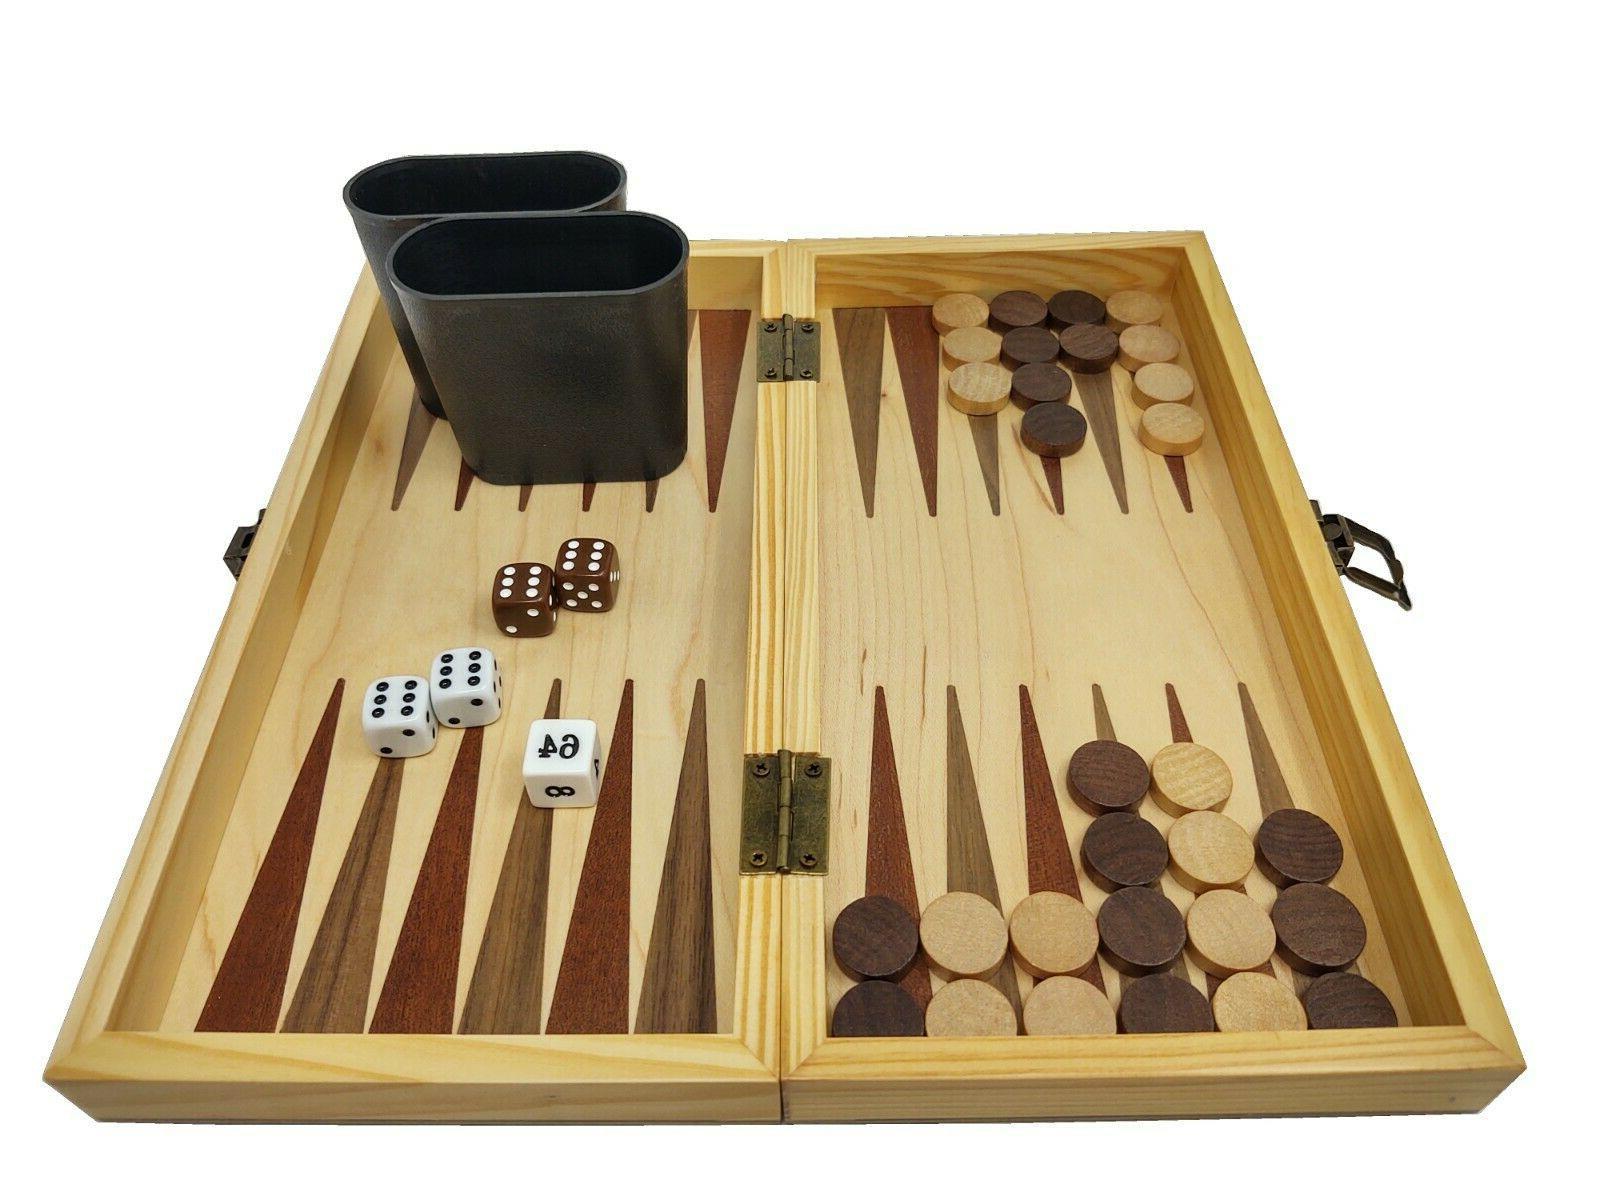 DA Combination and Backgammon Game